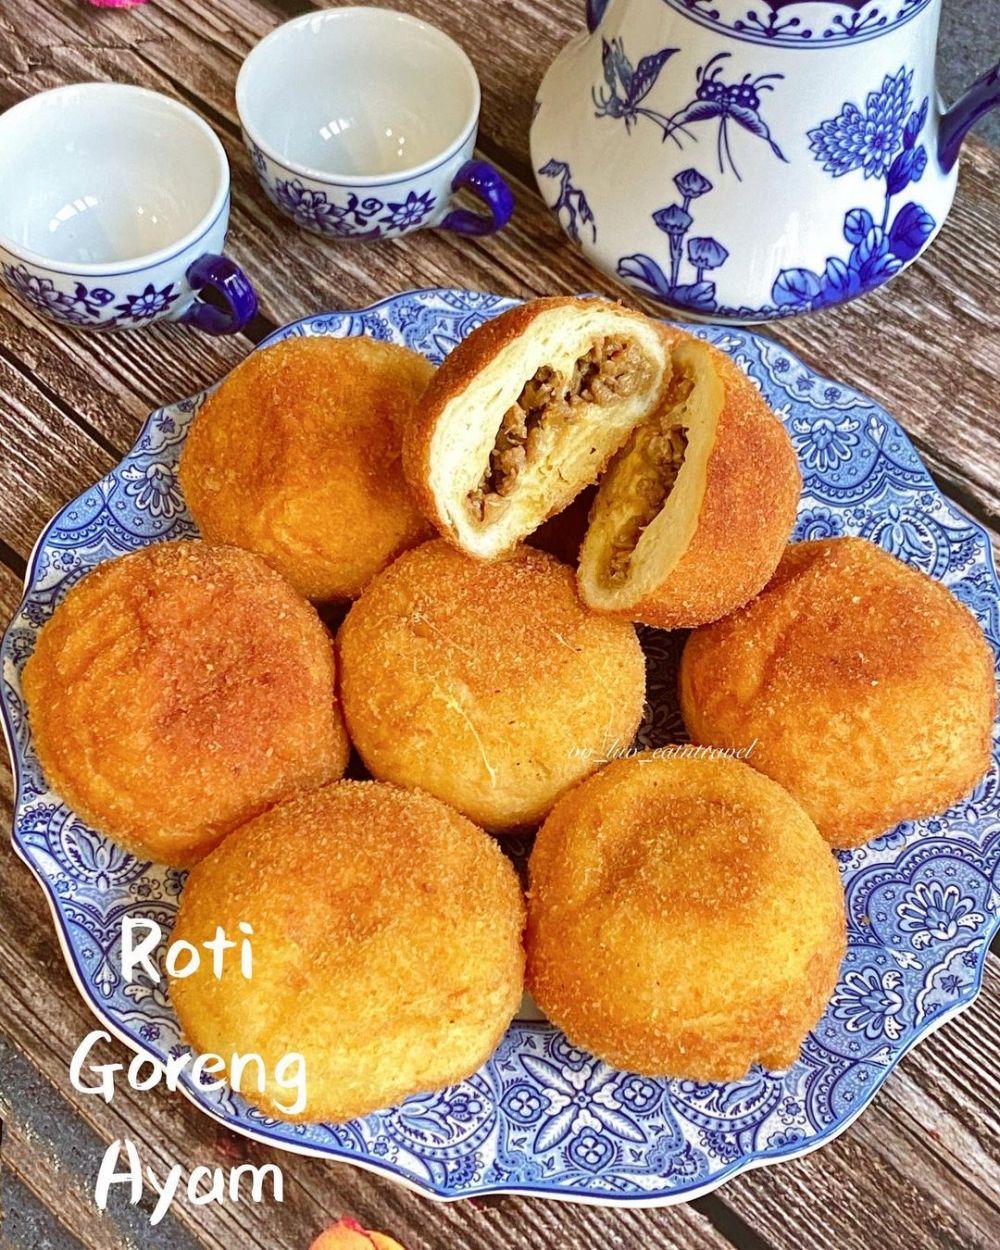 Resep roti goreng antiribet Instagram